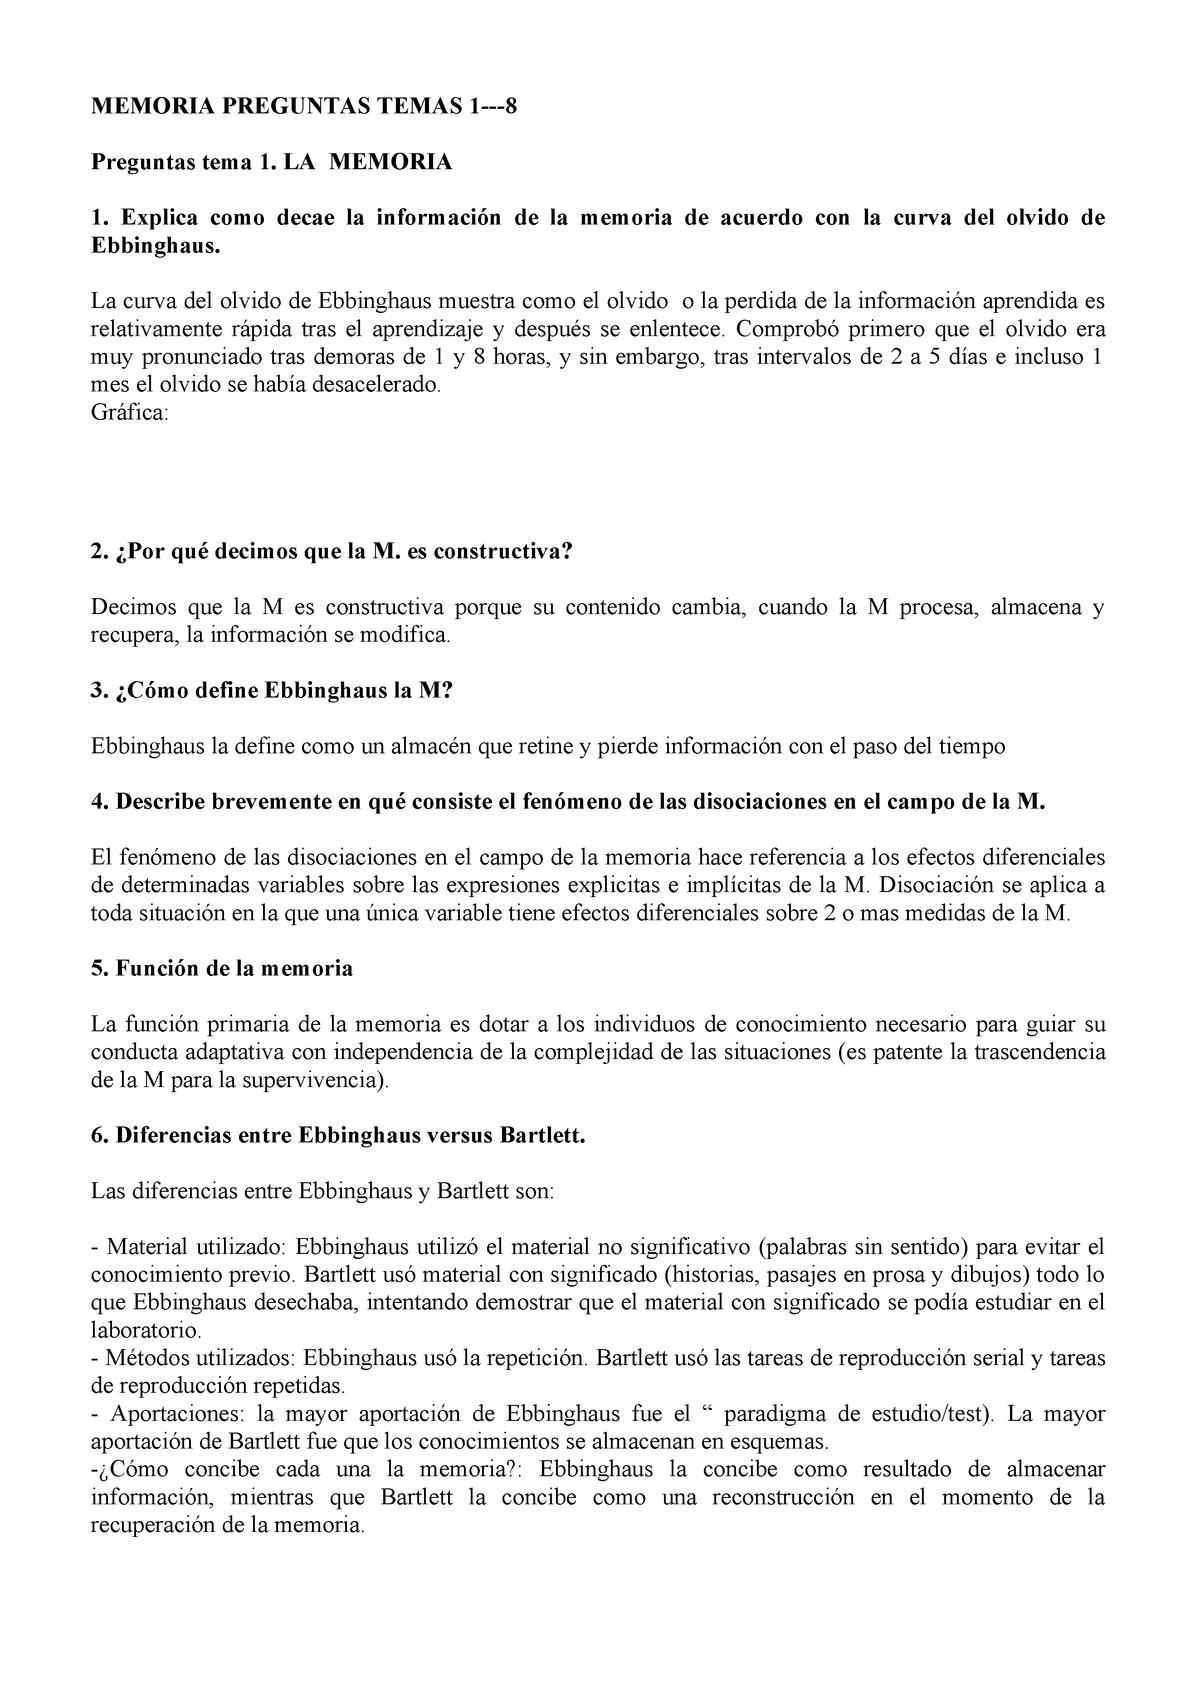 Cuestionario Memoria Temas 1-8, Preguntas/Respuestas.pdf